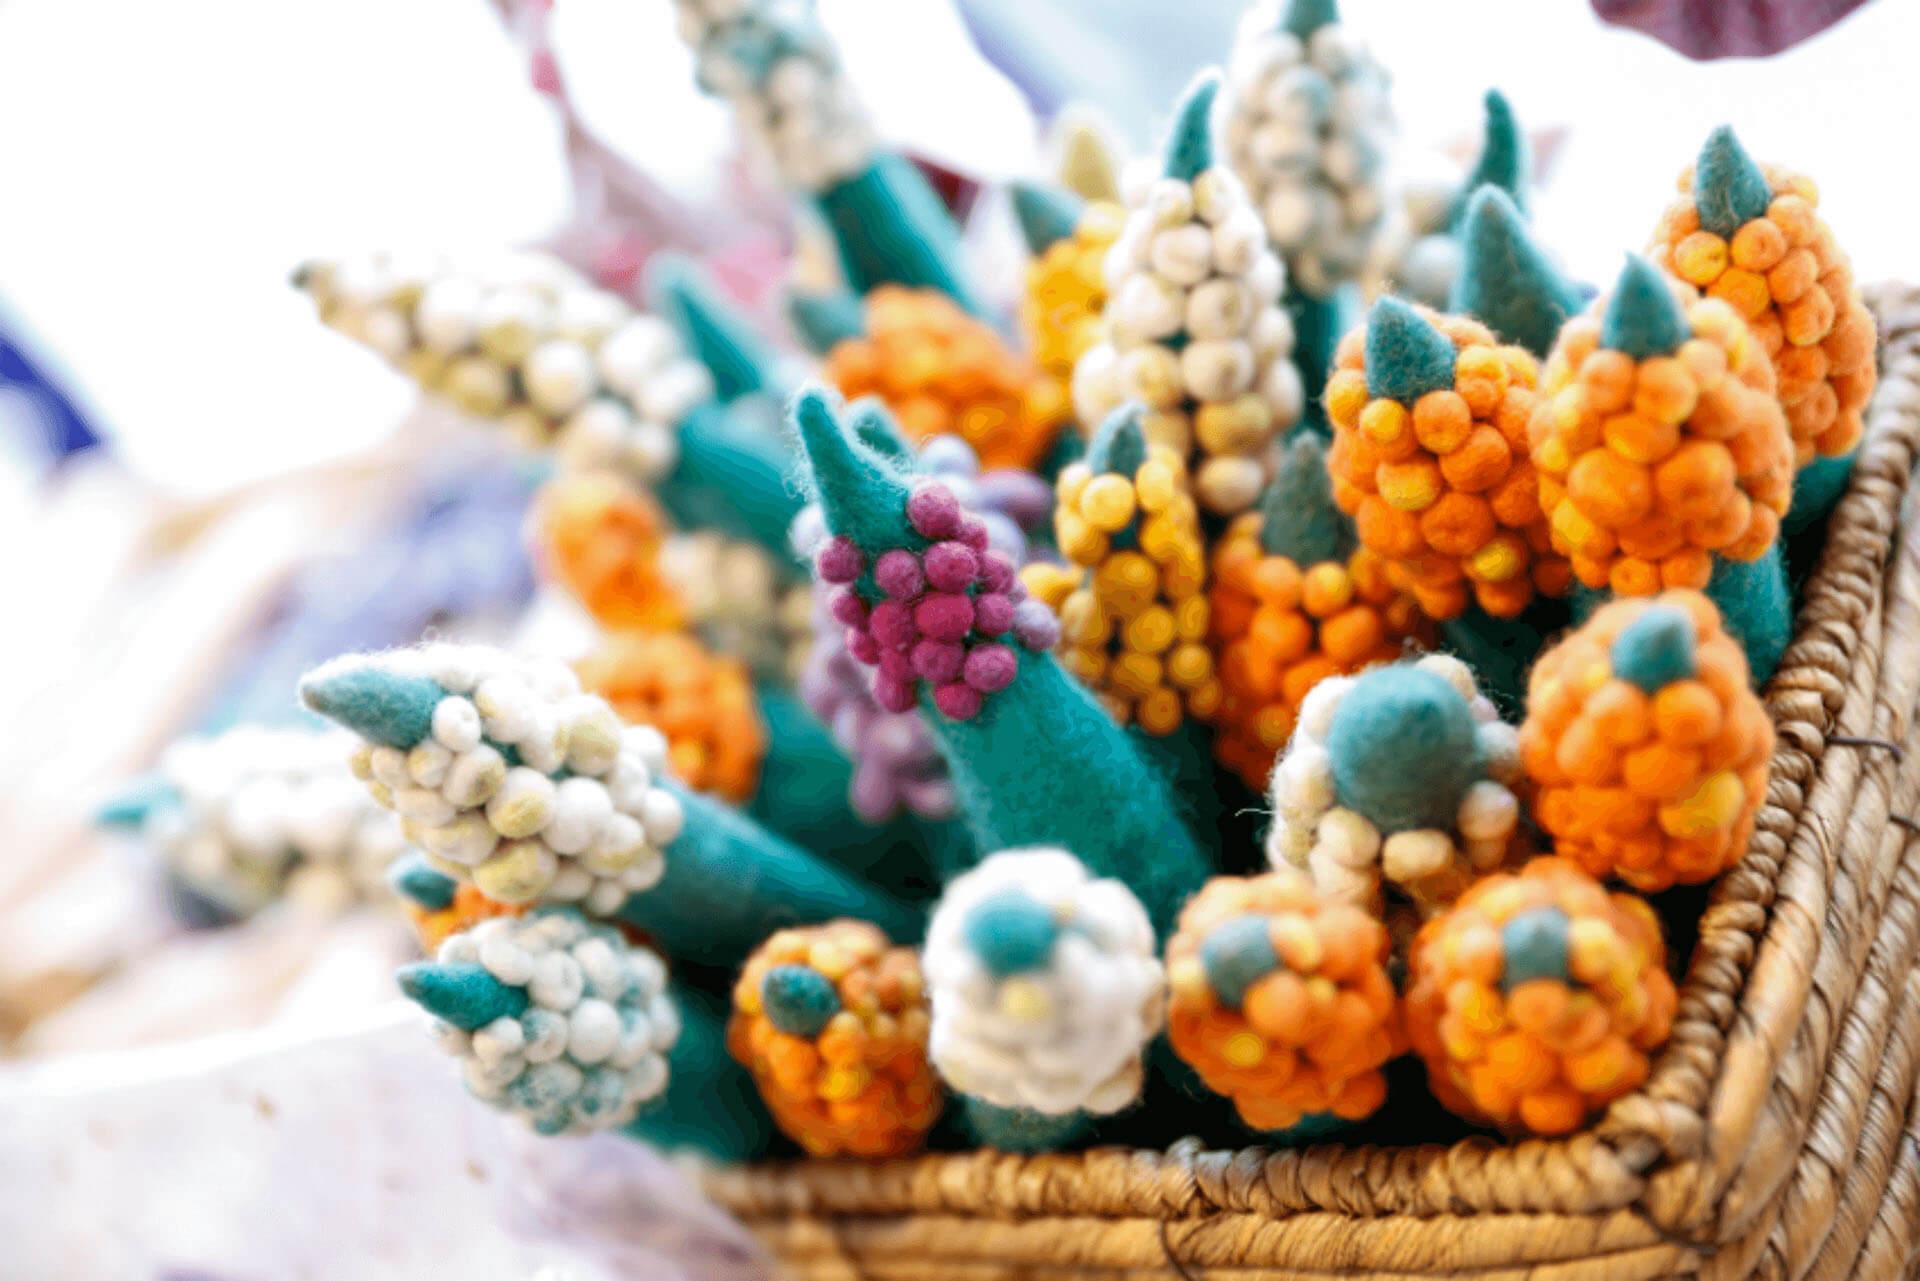 Gefilzte Blumen in einem Korb